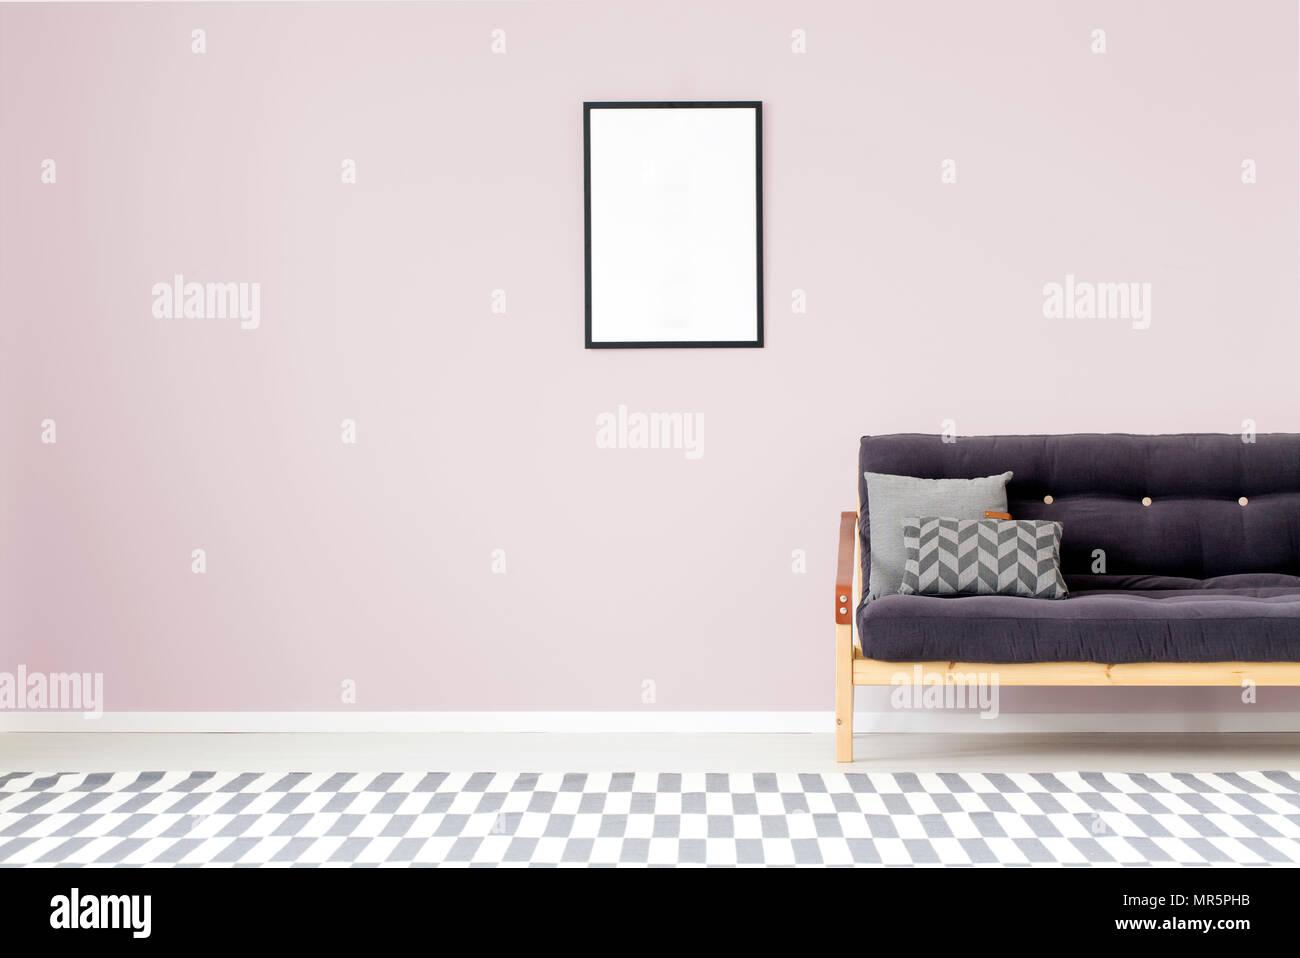 Pareti Viola E Lilla : Mockup del vuoto poster sulla parete viola in salotto interno con